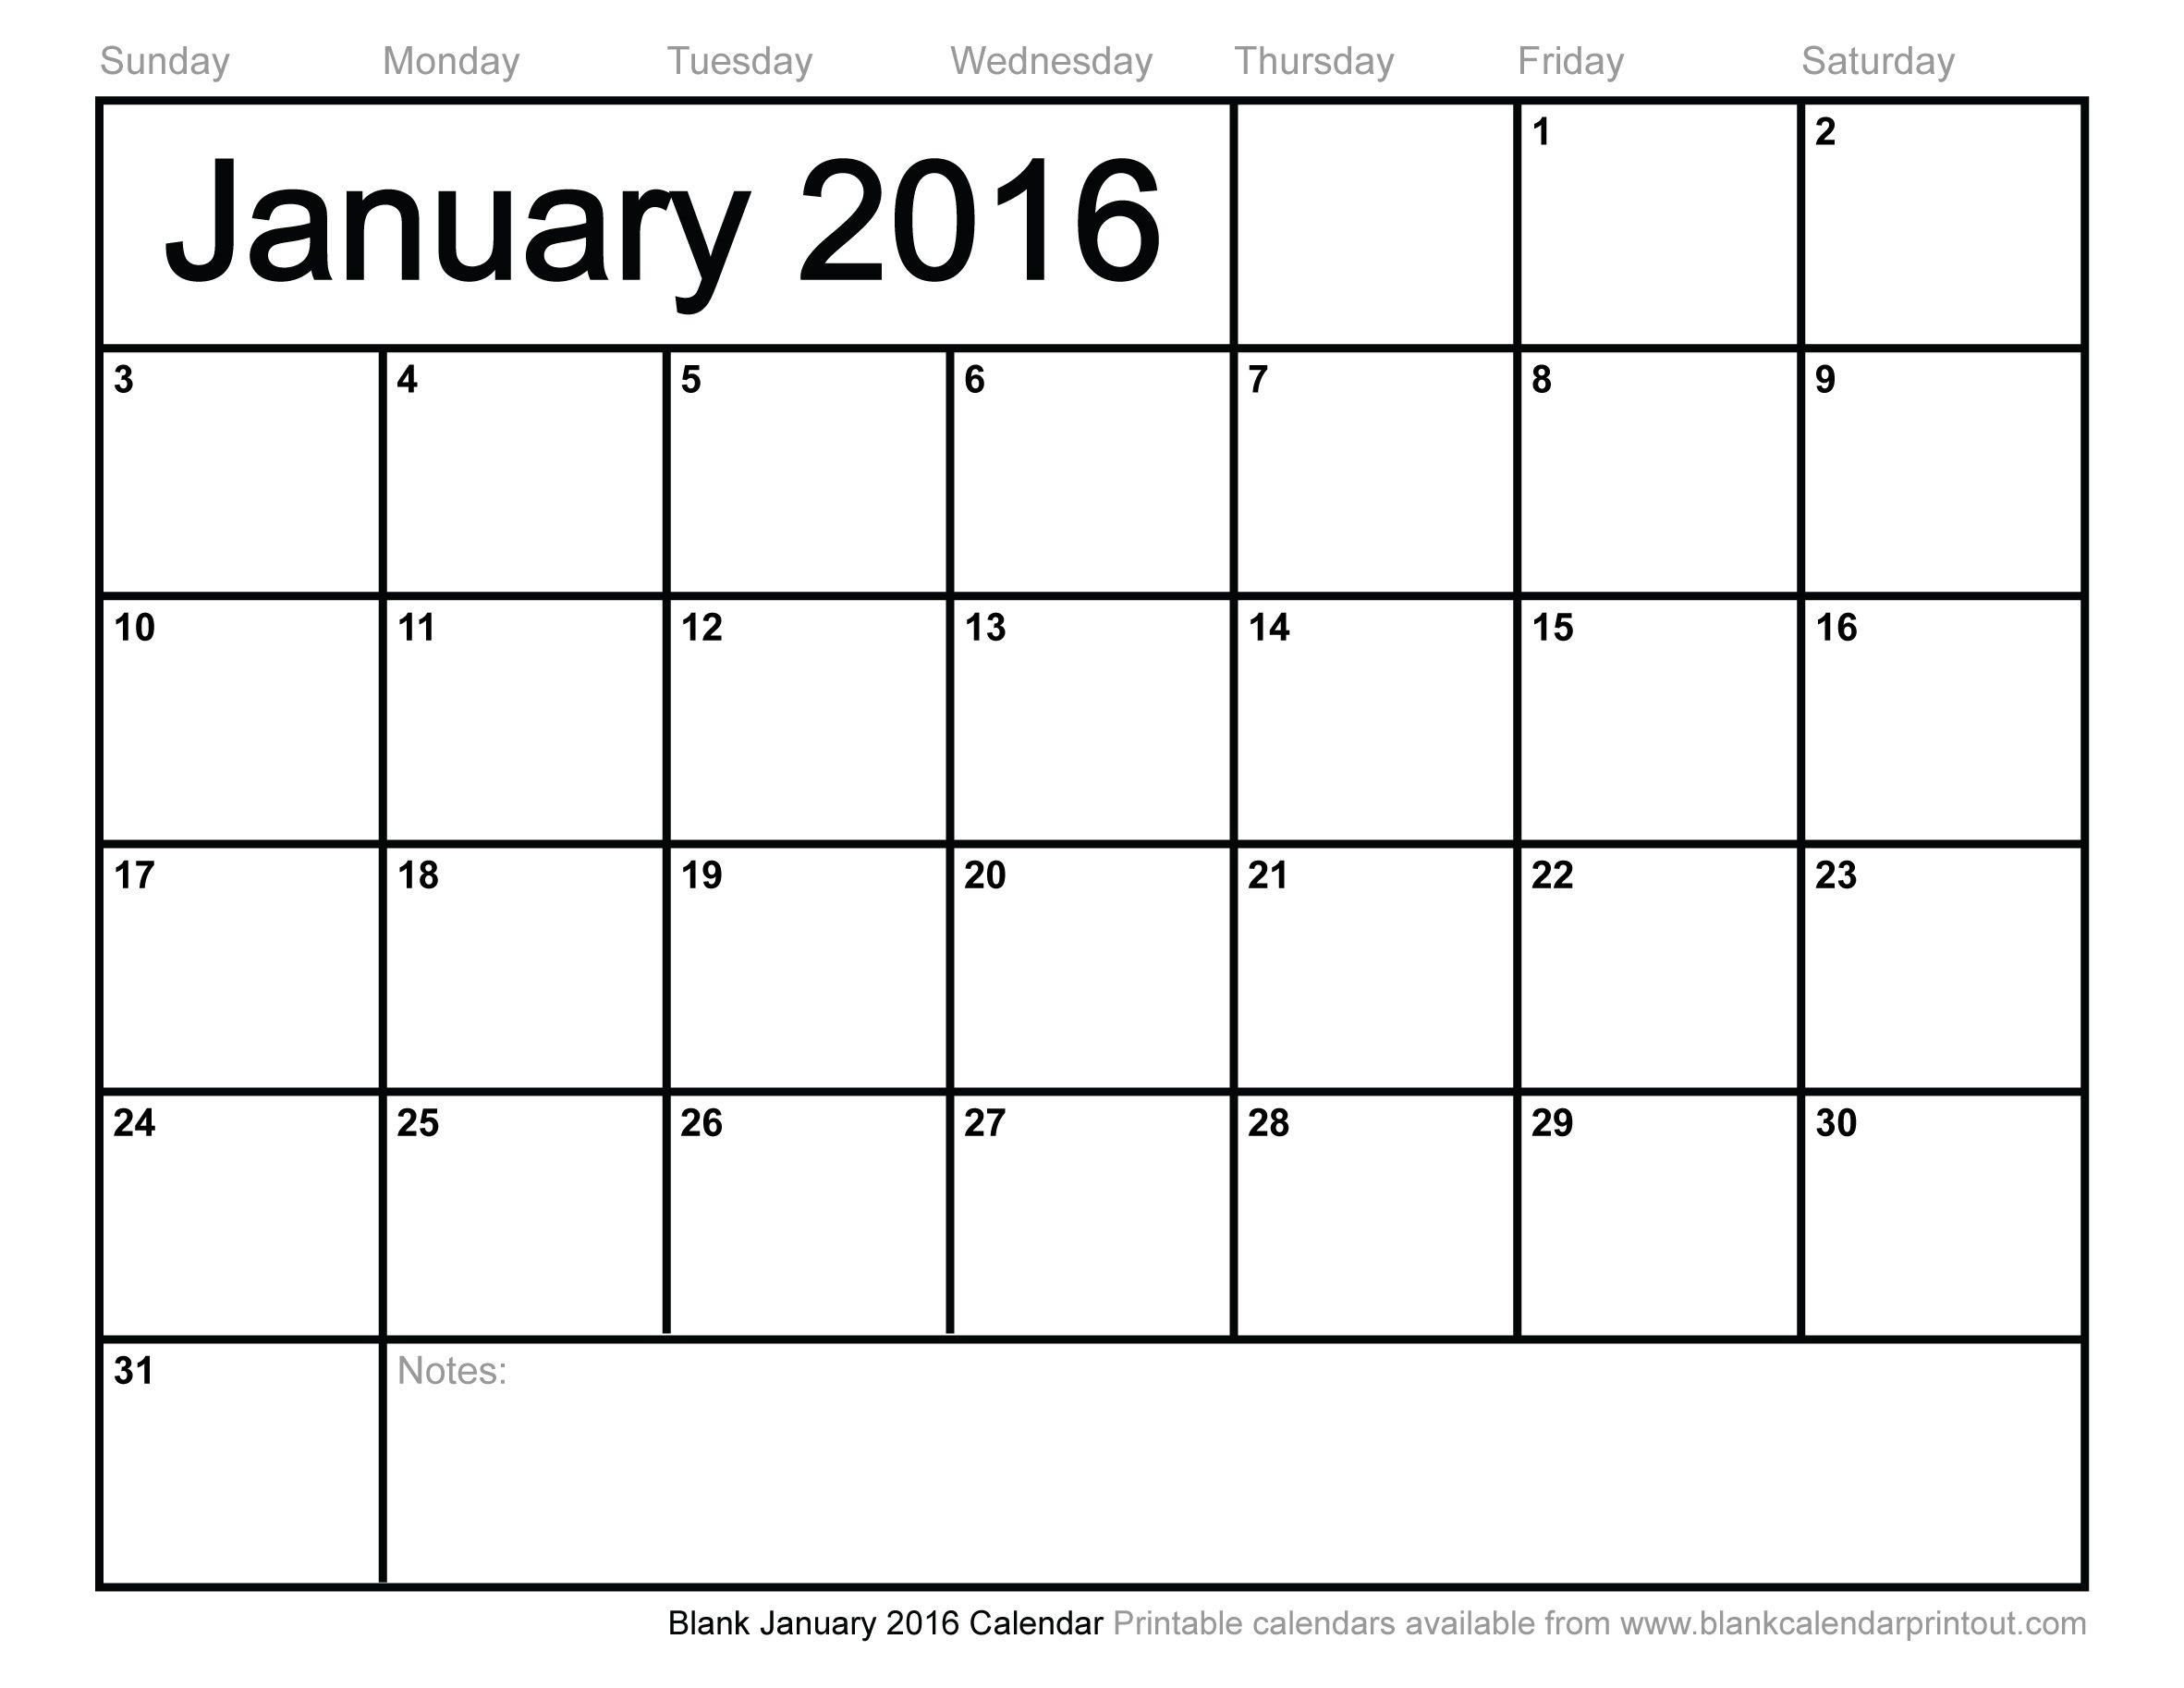 BlankJanuaryCalendarJpg  Calendars